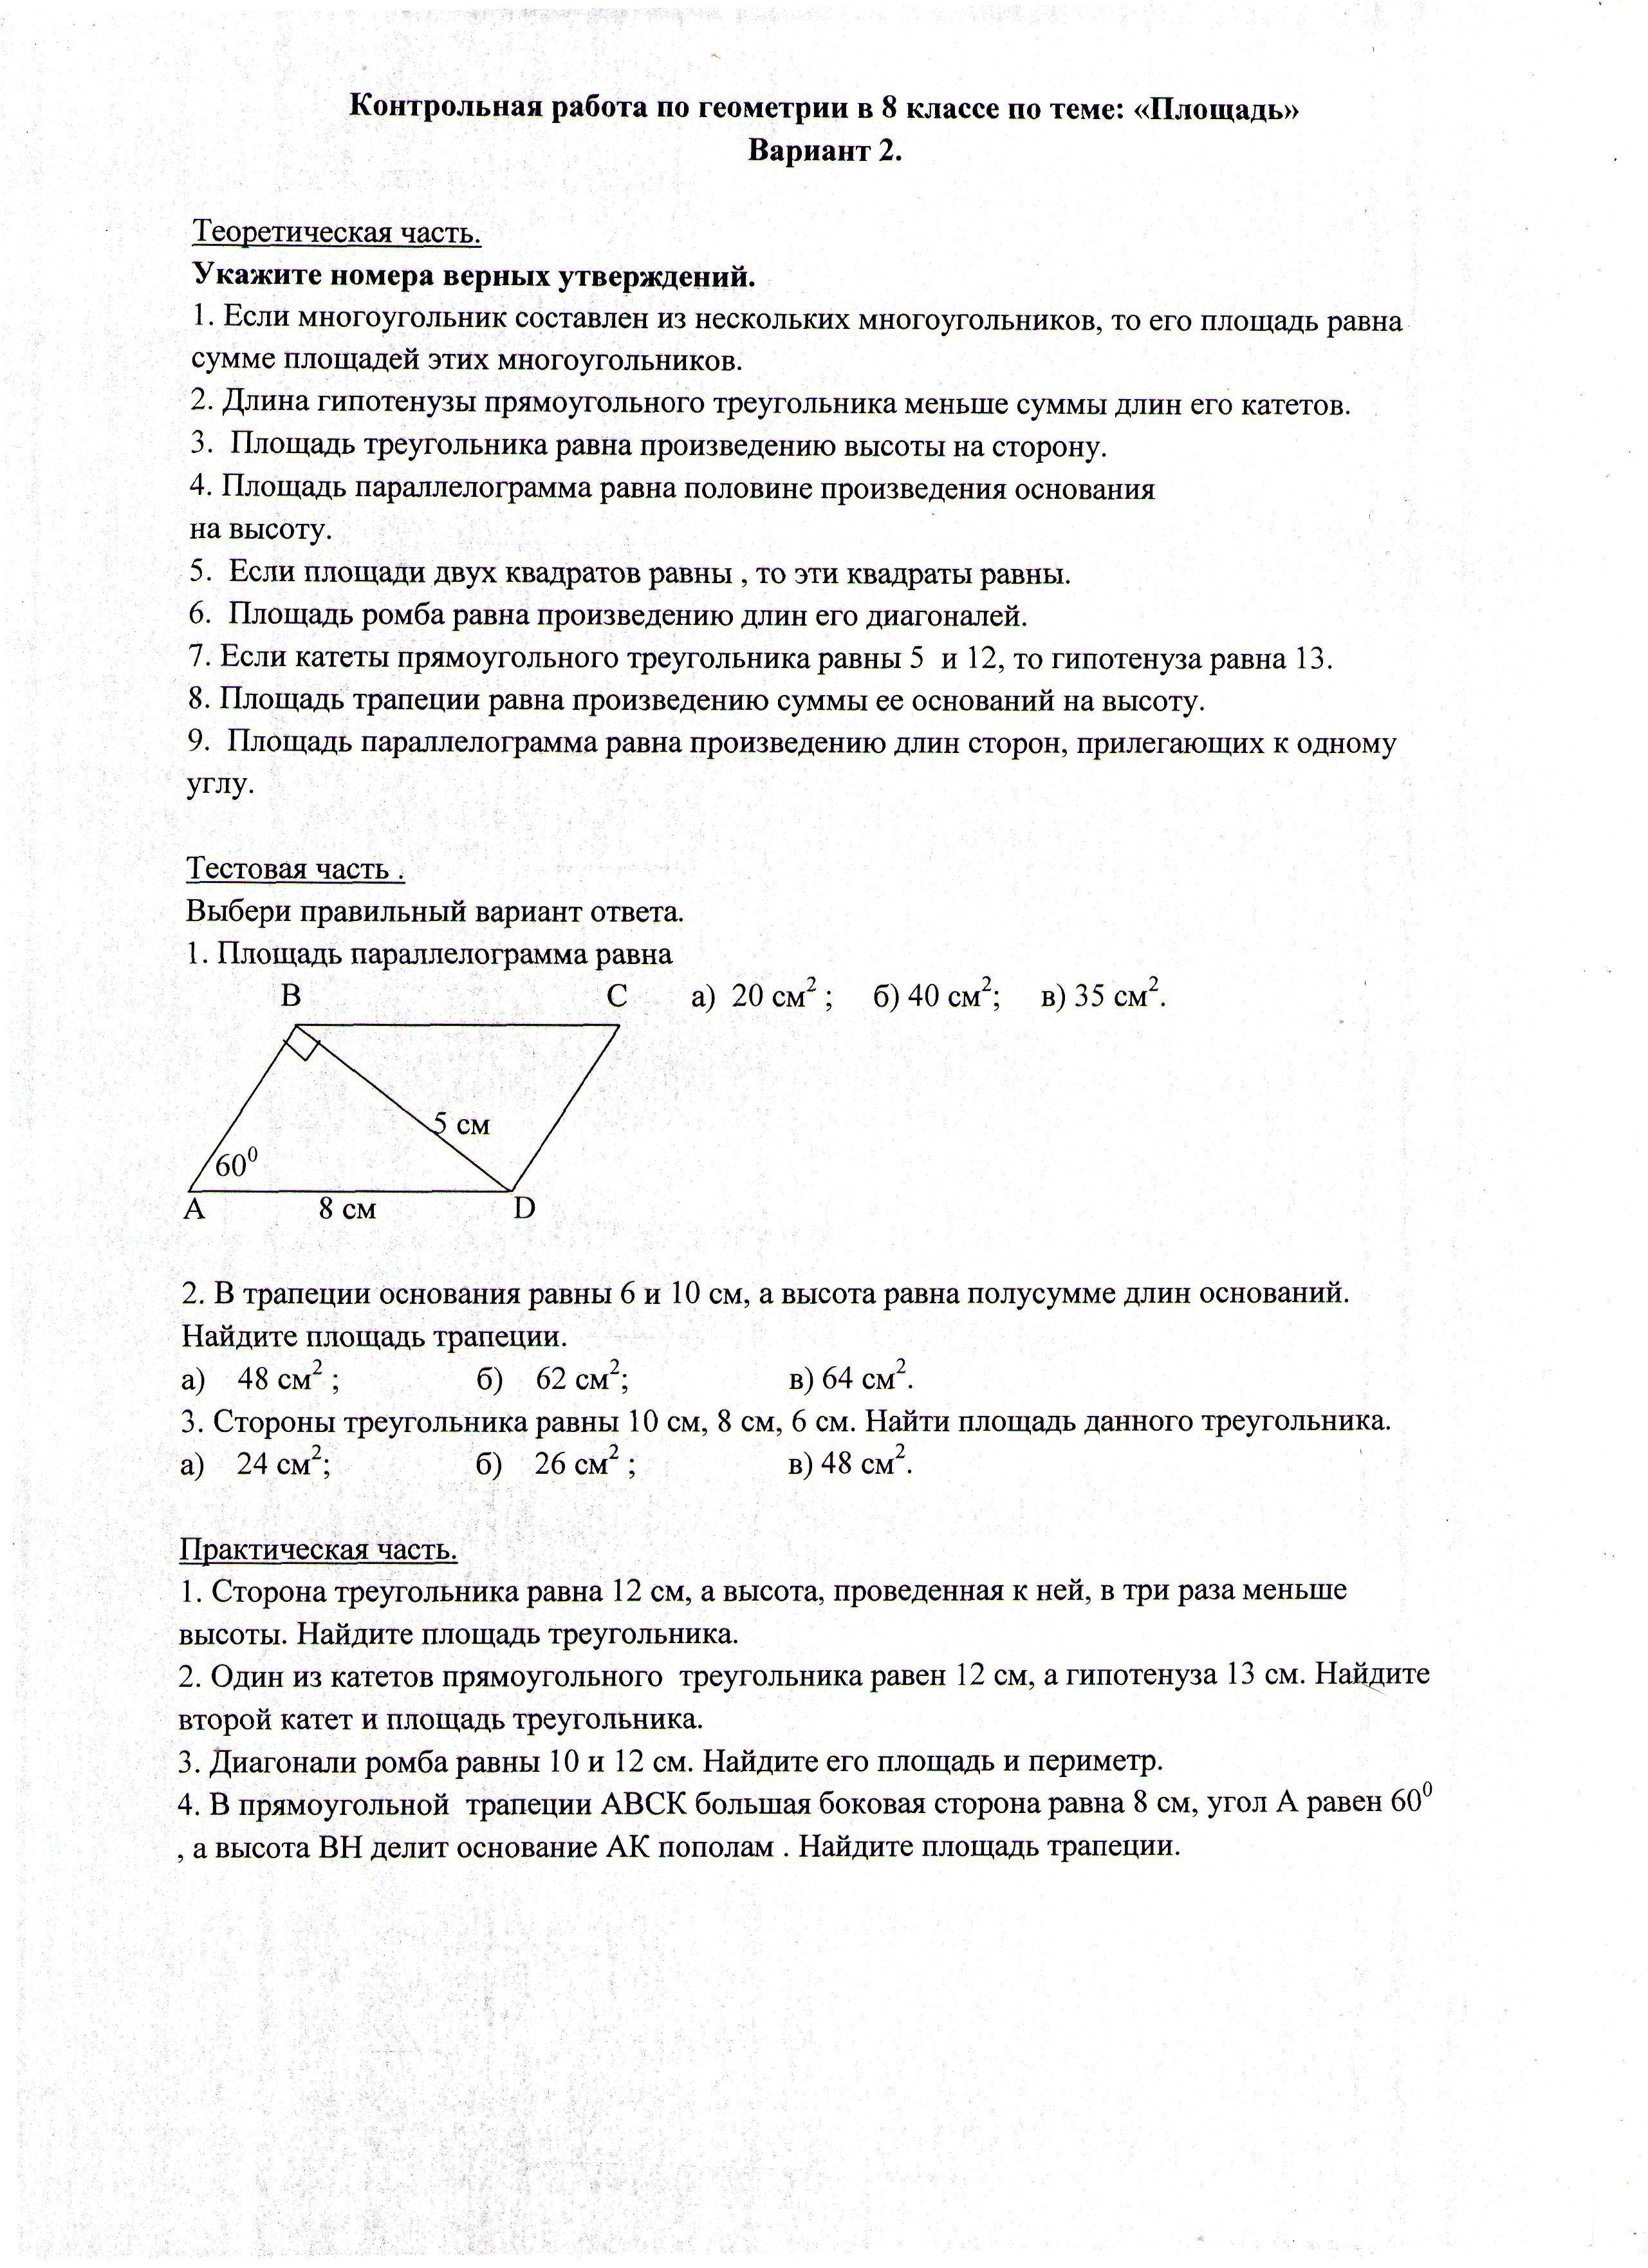 Контрольная работа по теме параллелограмм решение 26